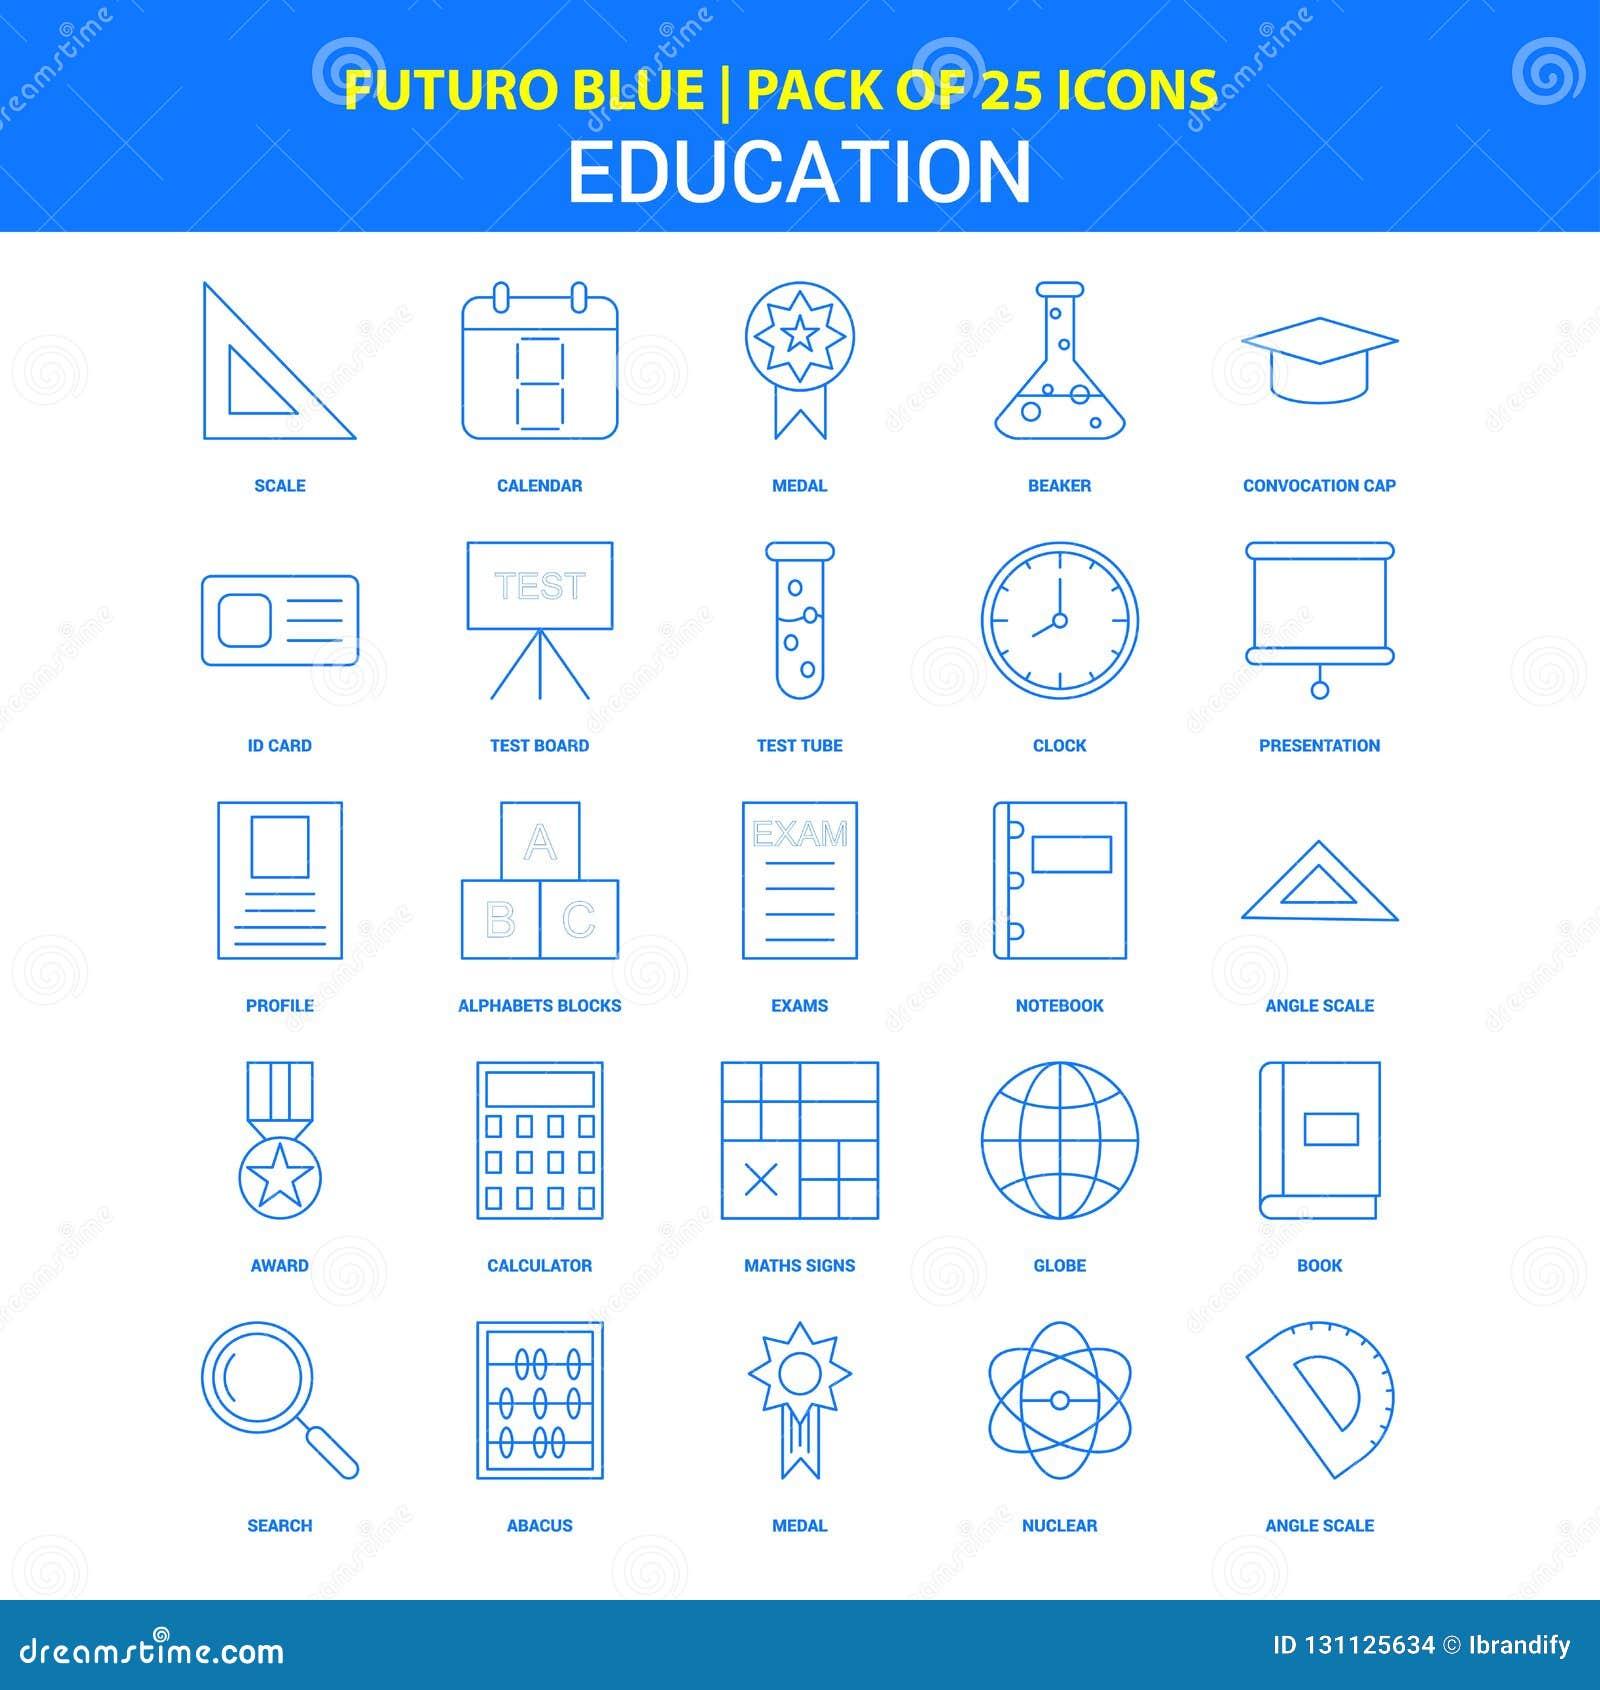 Utbildningssymboler - packe Futuro blå för 25 symbol